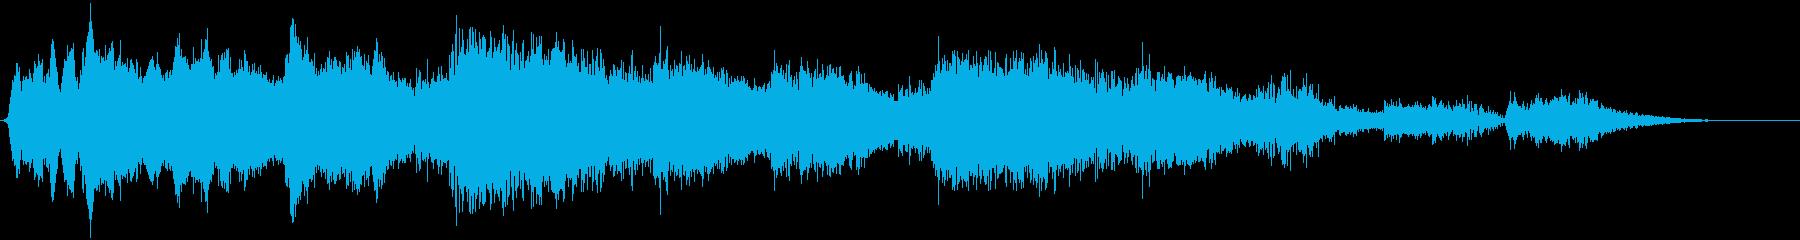 メタリックムービングテクスチャメタ...の再生済みの波形